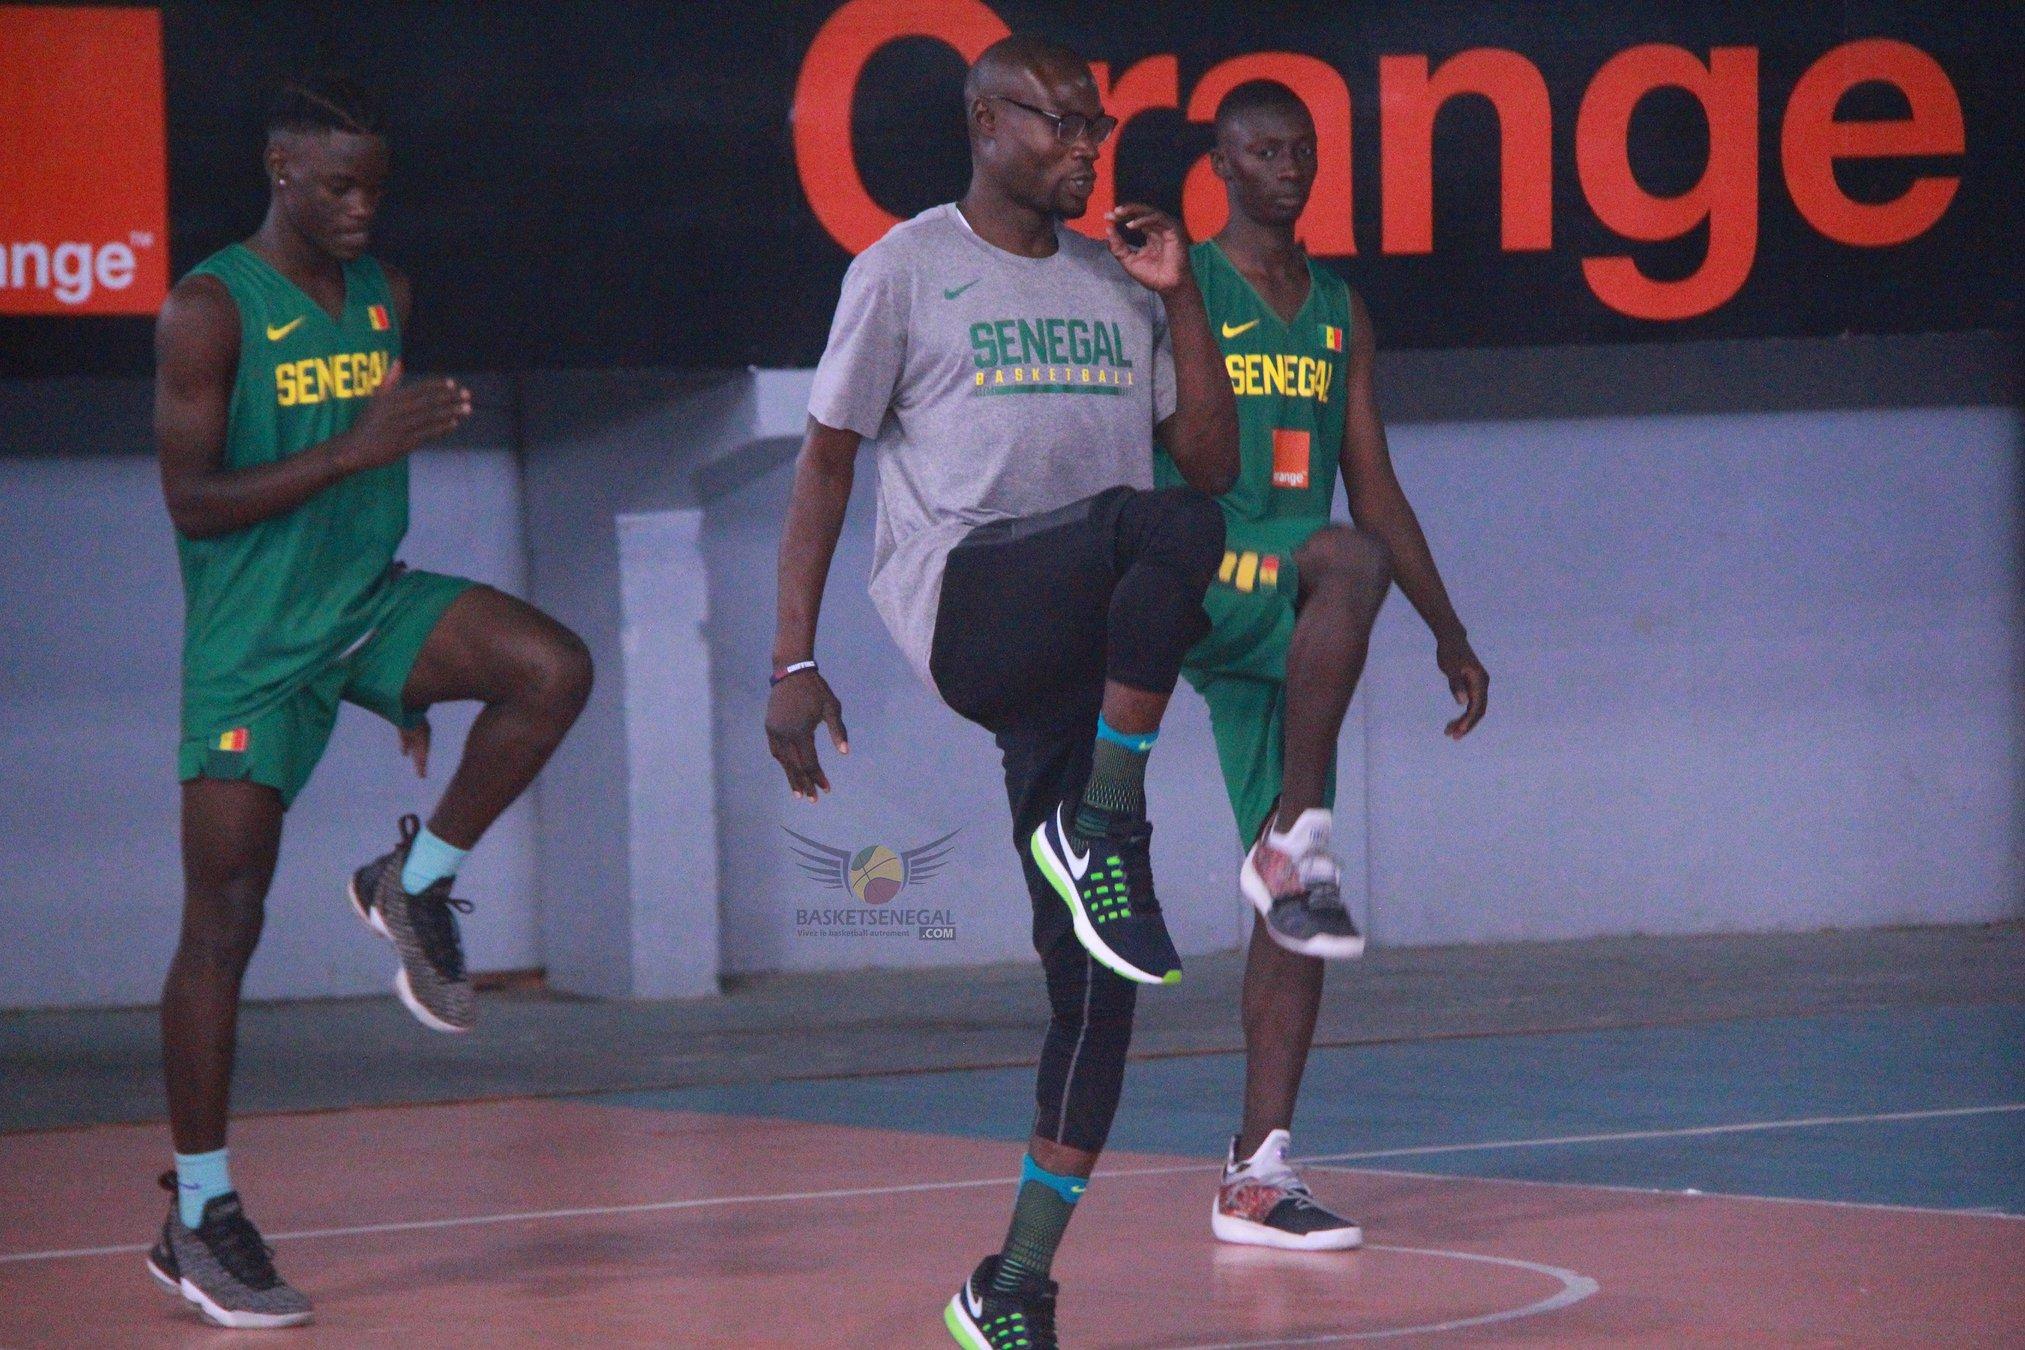 - Un homme debout sur une cour - Mouvements de basket